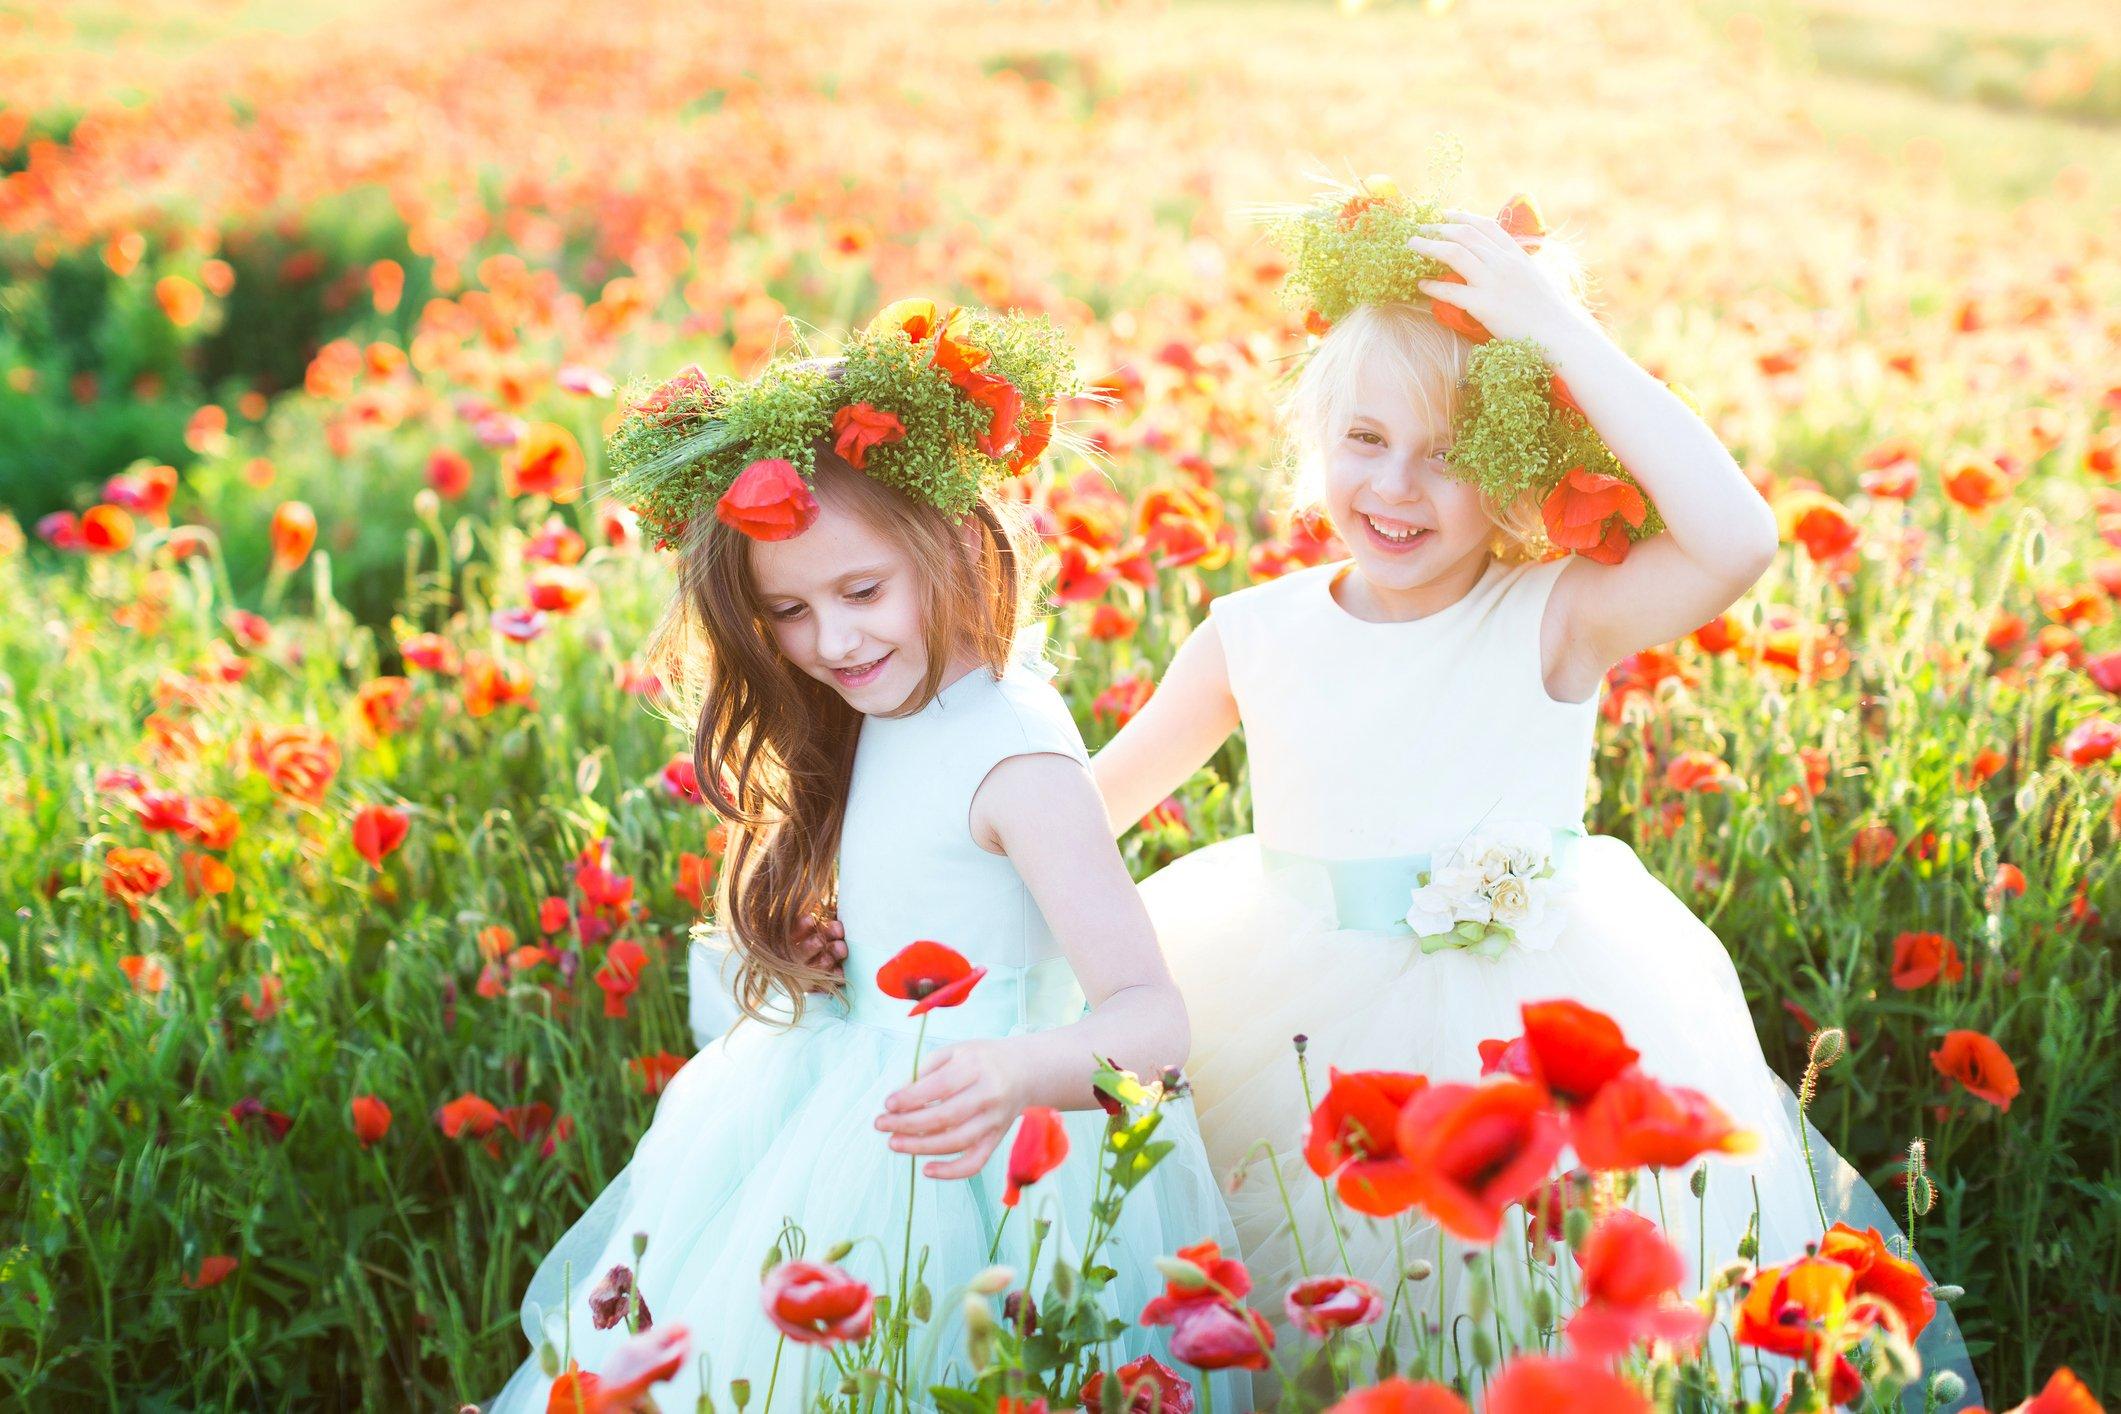 """""""Τρία πράγματα μας θυμίζουν τον χαμένο παράδεισο: το άρωμα των λουλουδιών, το κελάιδισμα των πουλιών και το γέλιο των παιδιών""""."""